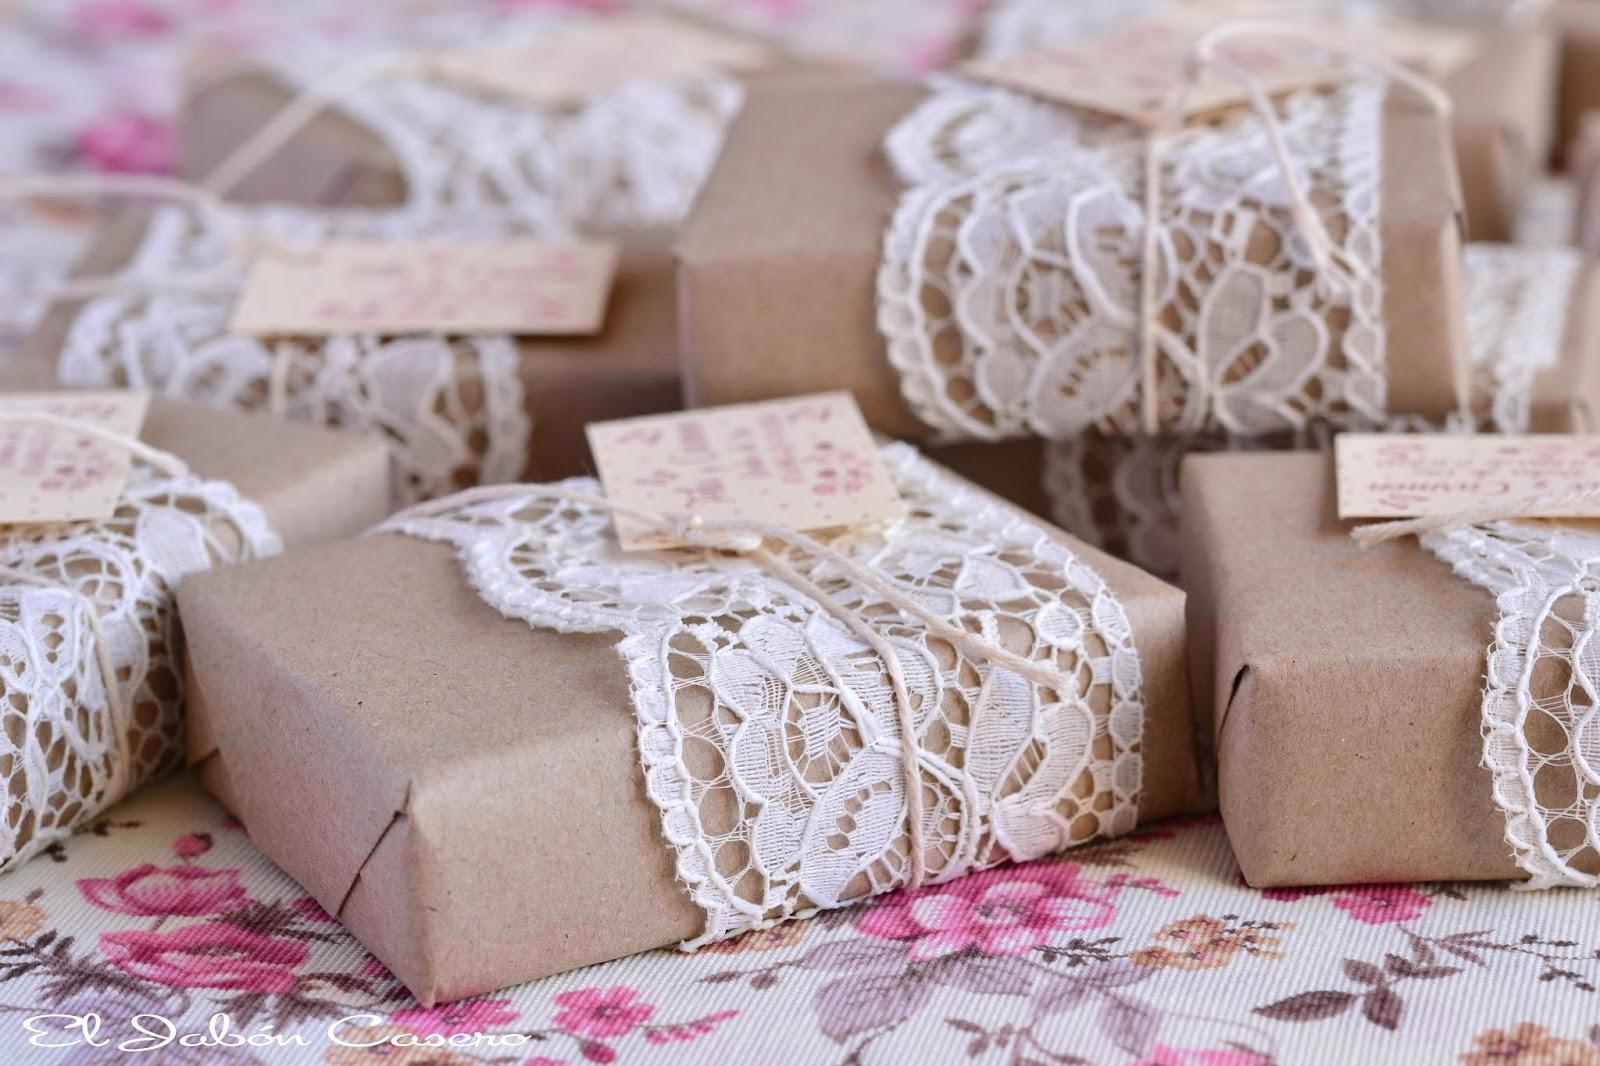 Detalles de bodas de oro jabones personalizados encajes